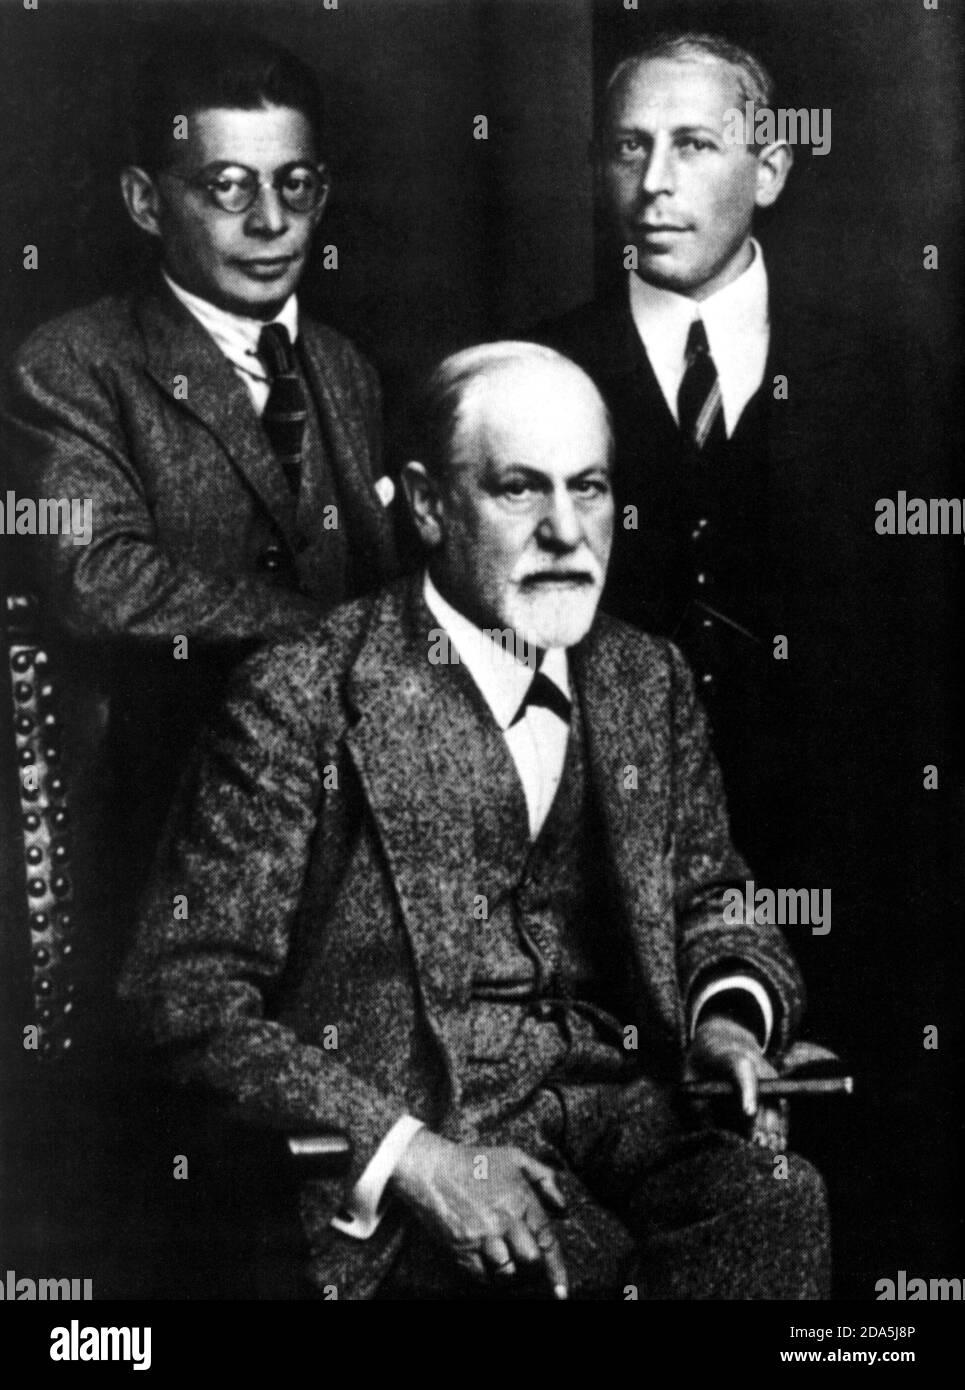 1922 , AUSTRIA  :The austrian father of psychoanalysis  SIGMUND FREUD  (  1856 -   1939 ) with assistants  OTTO RANK ( stand at left ) and  KARL ABRAHAM  - PSYCHOANALYST - PSICANALISTA - PSICOANALISTA - PSICANALISI - PSICOANALISI - ebreo - jewish  -  RITRATTO - PORTRAIT - collar - colletto - tie - cravatta -  papillon - barba bianca - white beard - uomo anziano  vecchio - older old ancient man - SCIENZIATO - SCIENTIST - genio - genius - occhiali - glasses - stempiato - stempiatura - thinning at the temples -  cigar - fumo - fumatore - smoke - smoker - personalità che fuma - celebrity - persona Stock Photo